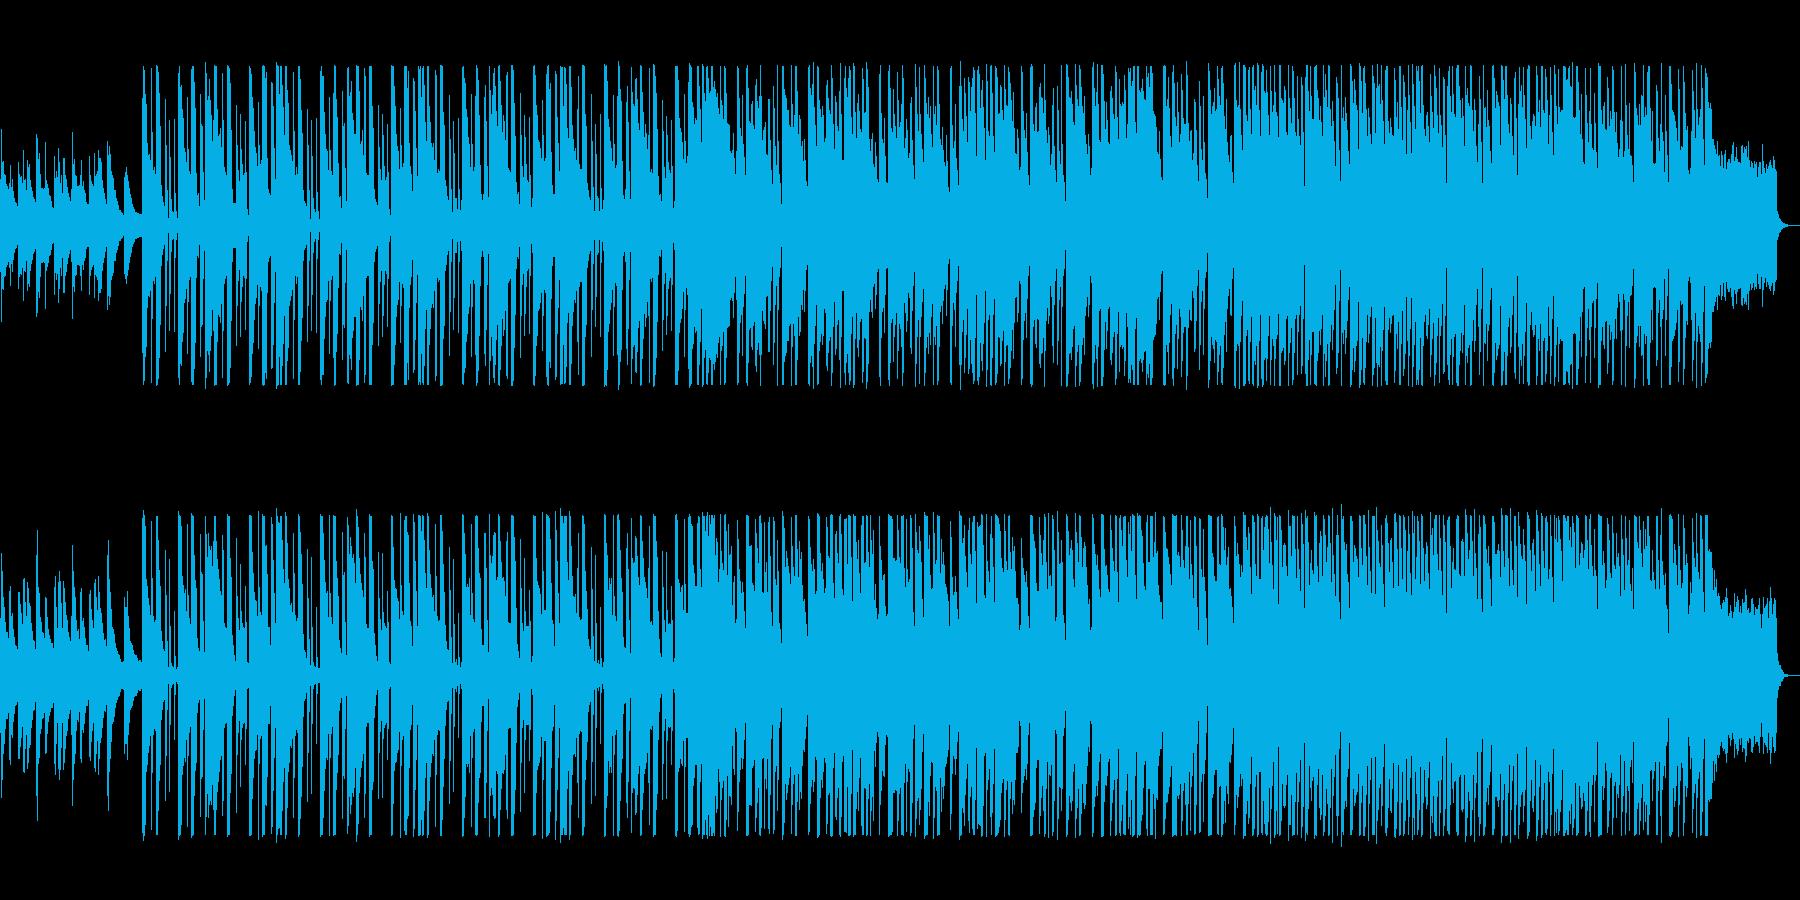 明るく爽やかなヒーリングミュージックの再生済みの波形